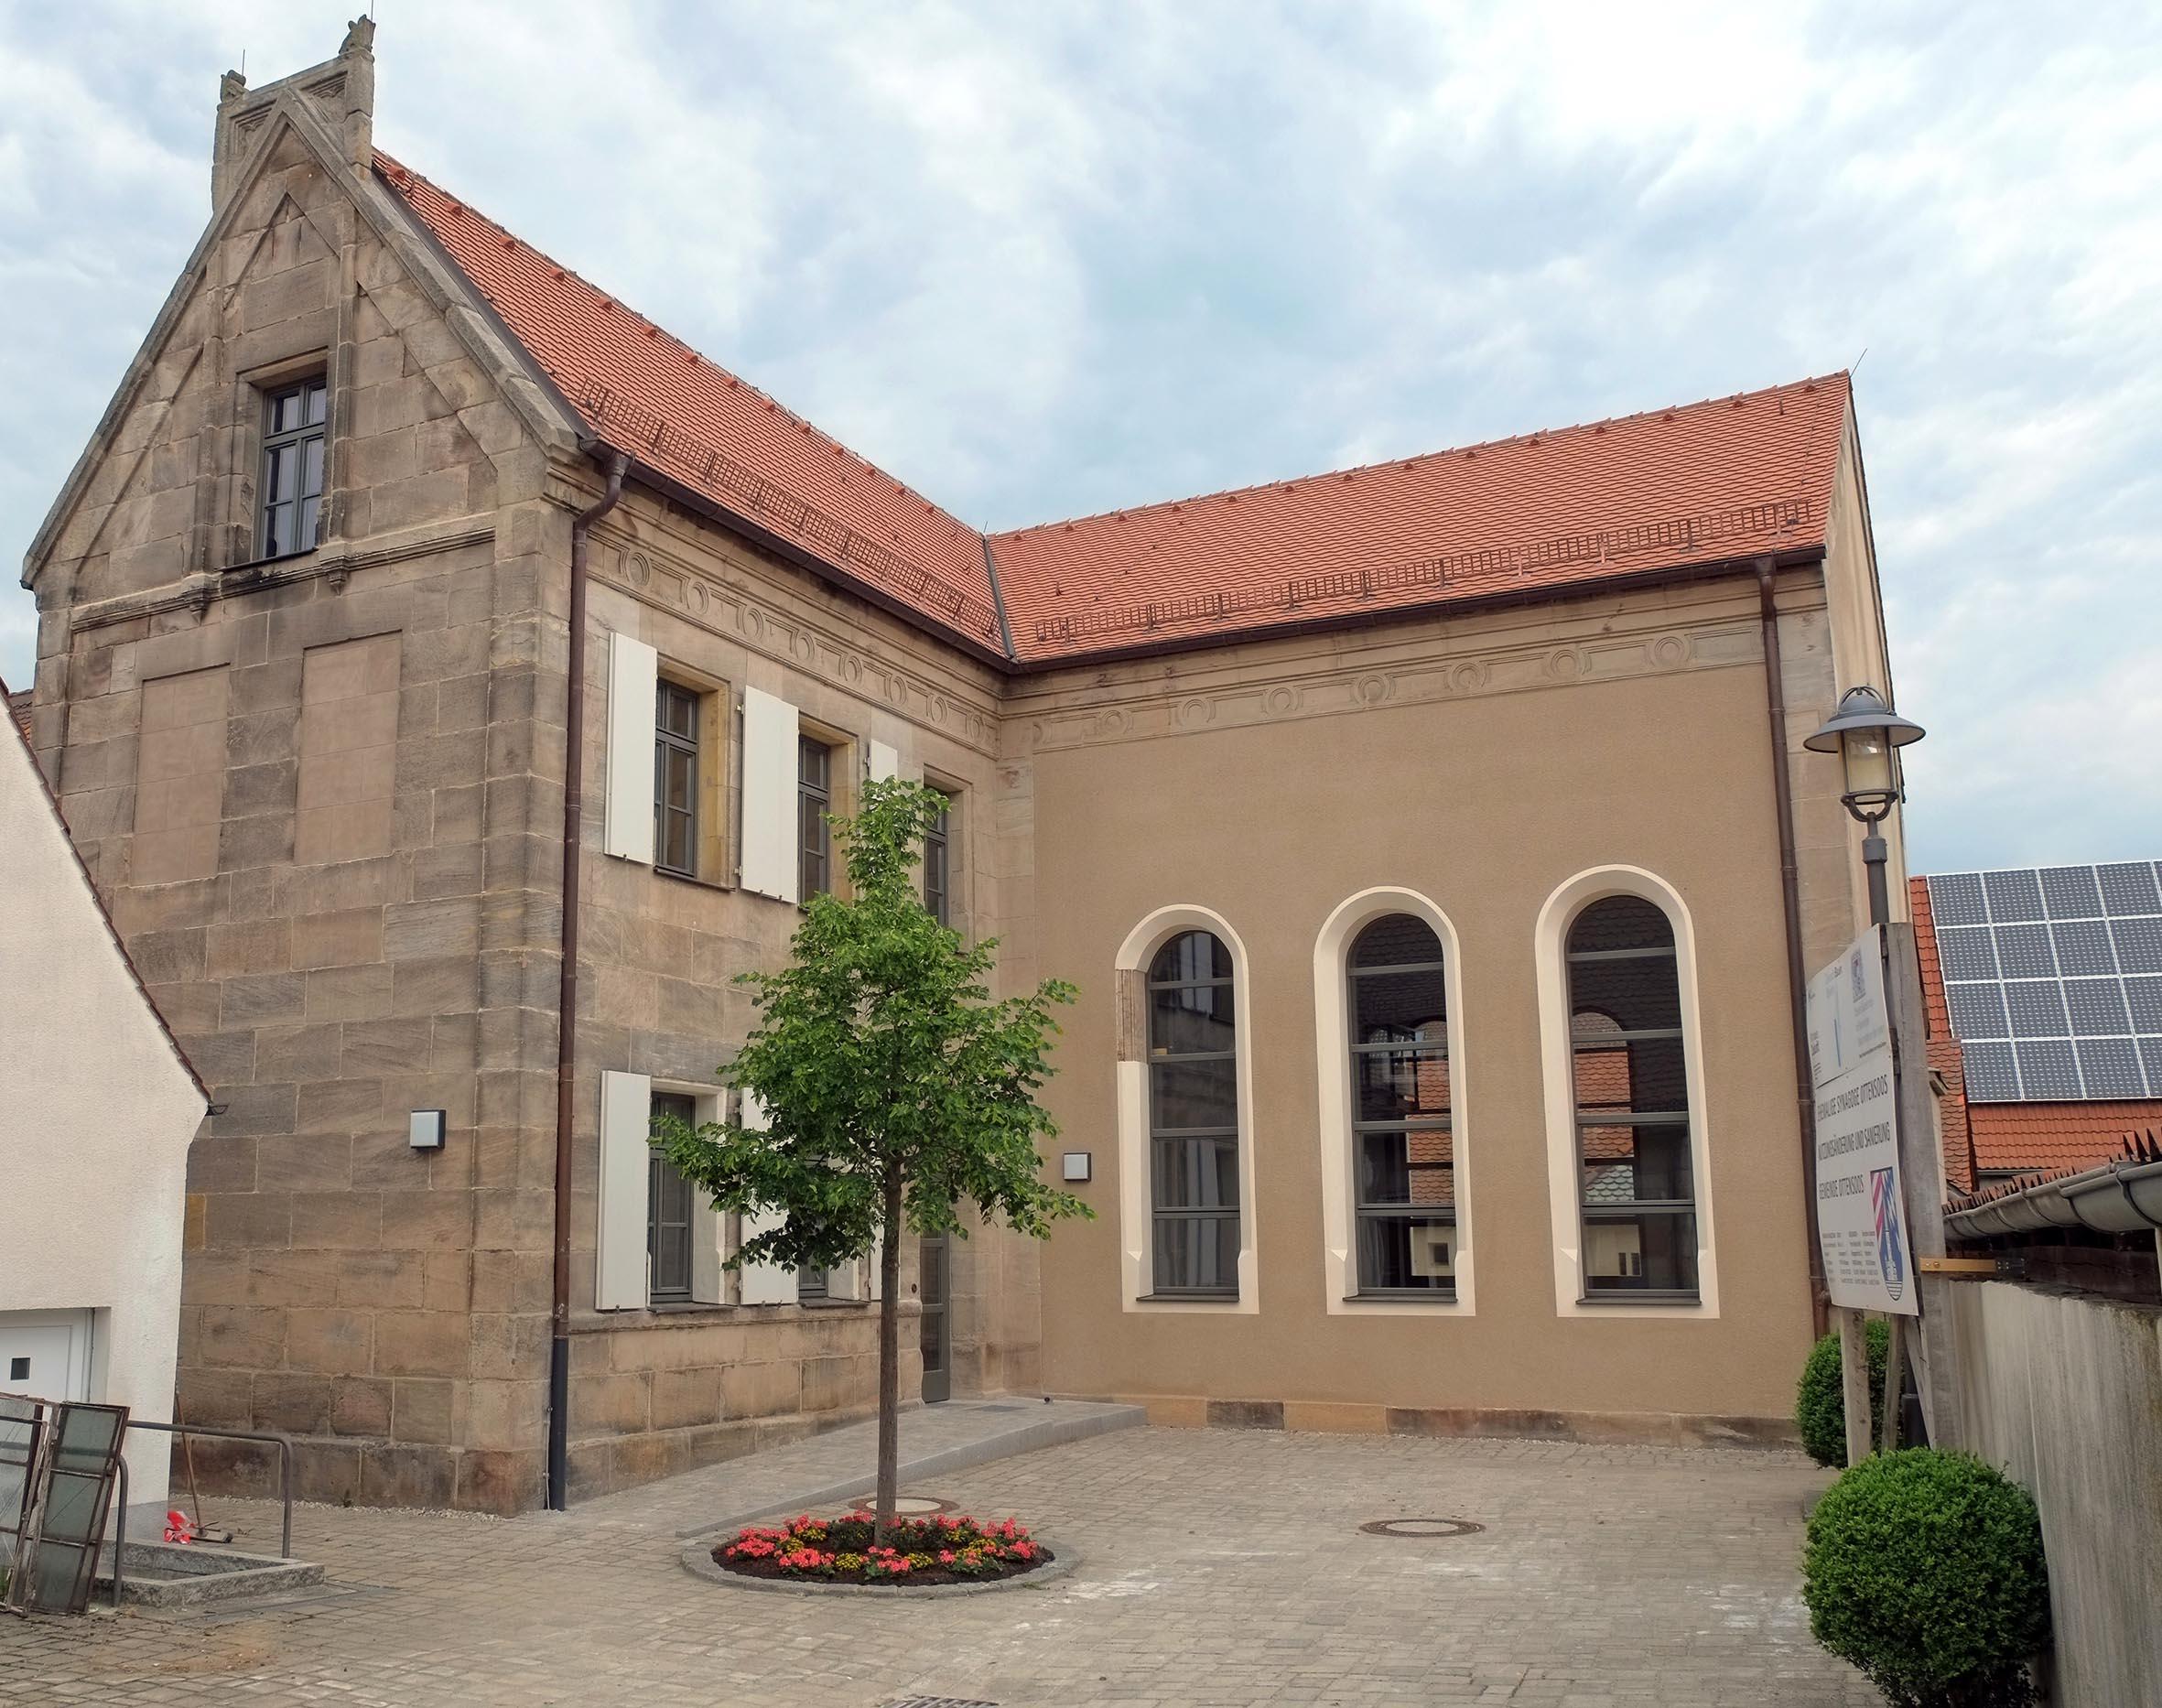 Ehemalige Synagoge Ottensoos. Foto: Freundeskreis ehemalige Synagoge Ottensoos e.V.